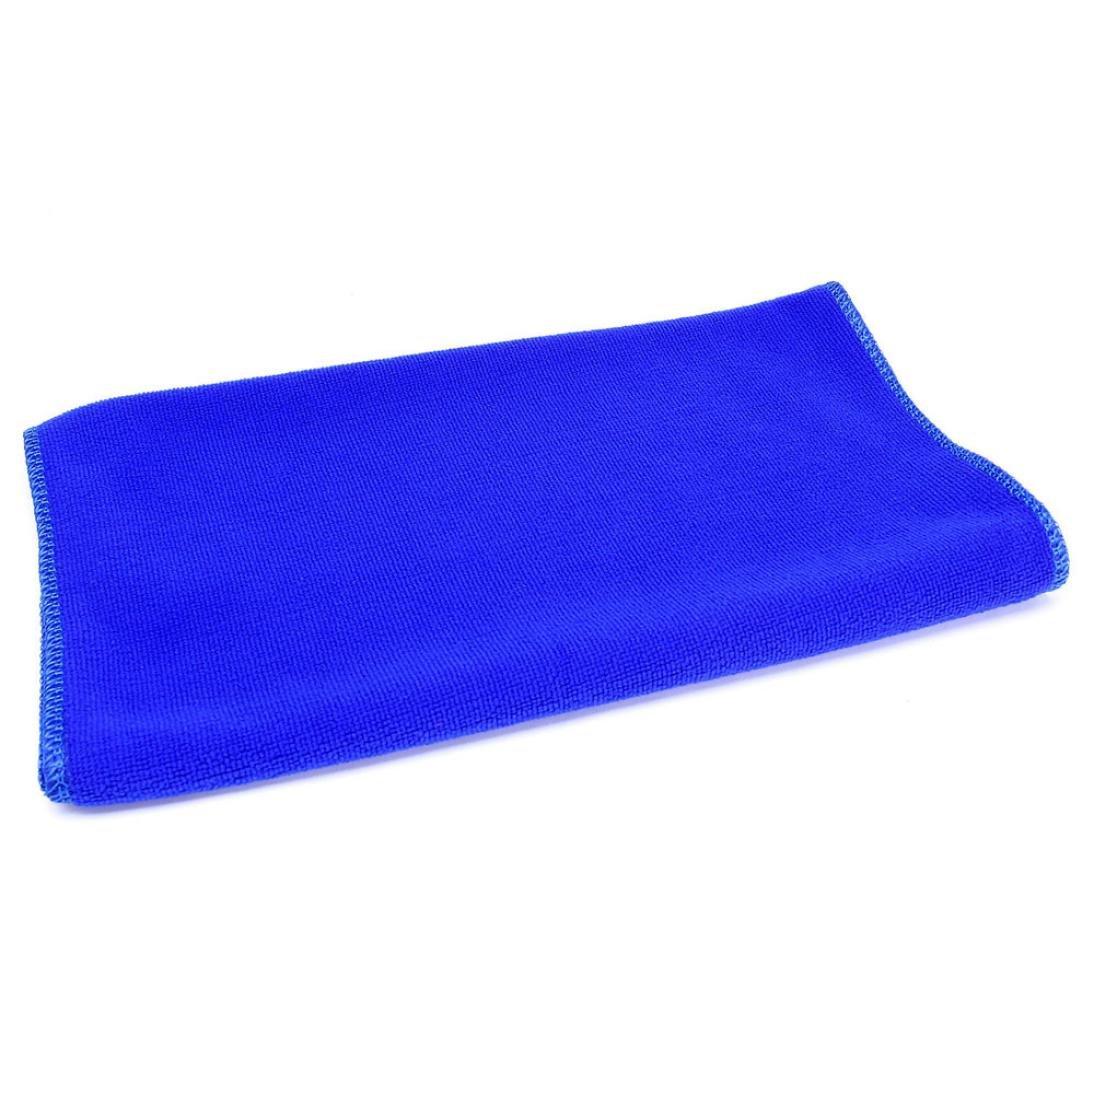 FTXJ 5Pcs Blue Soft Absorbent Wash Cloth Car Auto Care Microfiber Cleaning Towels (Blue(30 cm 70 cm) 1pcs)